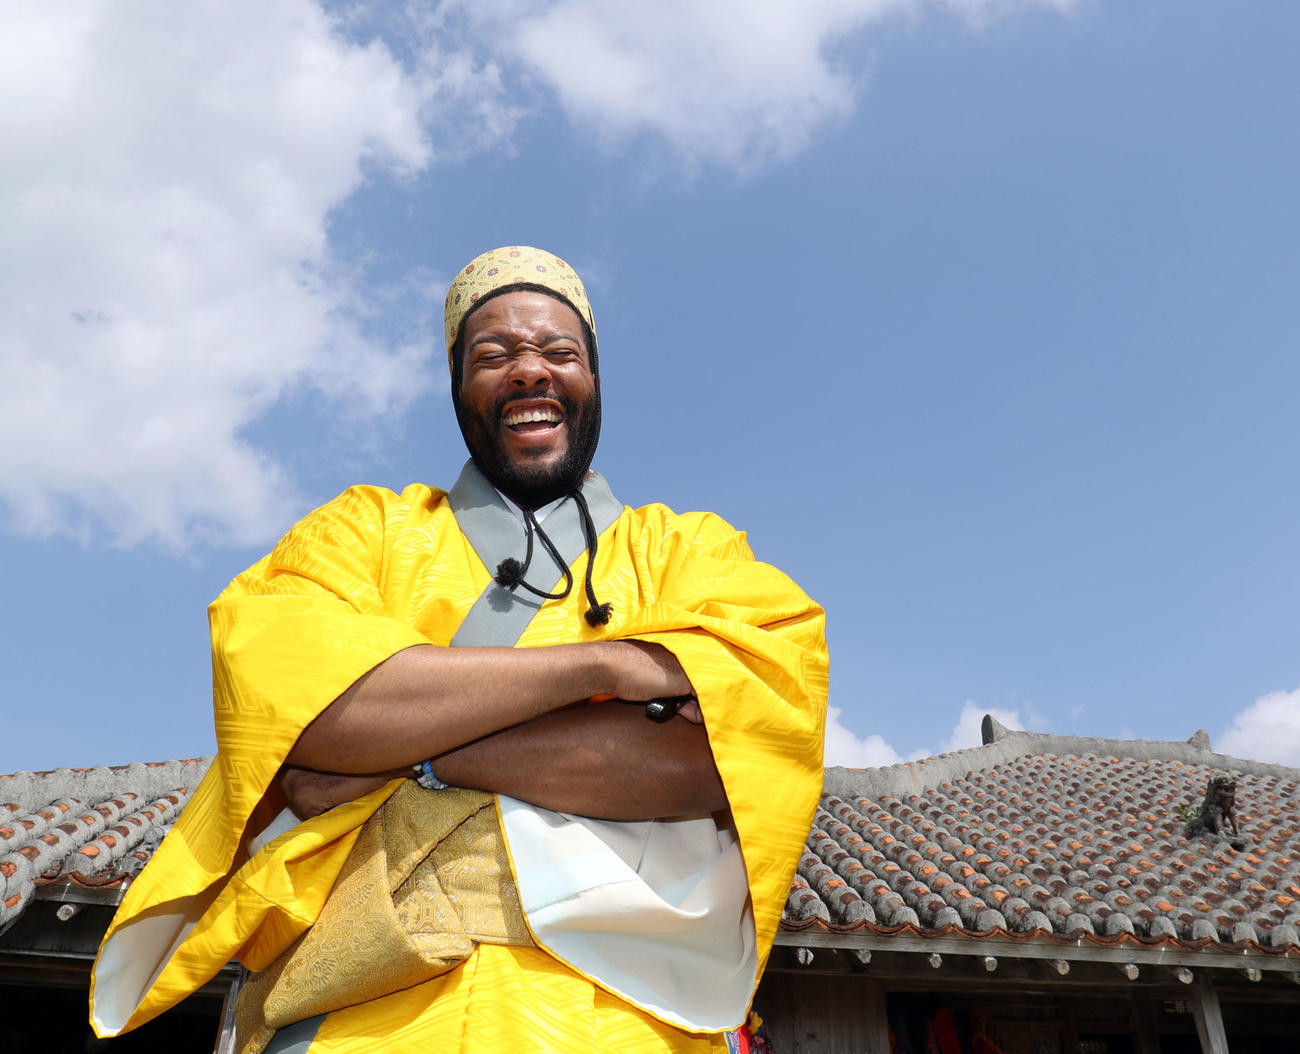 休日に「石垣やいま村」を訪れ王族の衣装を着込み満面の笑顔のロッテのジャクソン(撮影・垰建太)